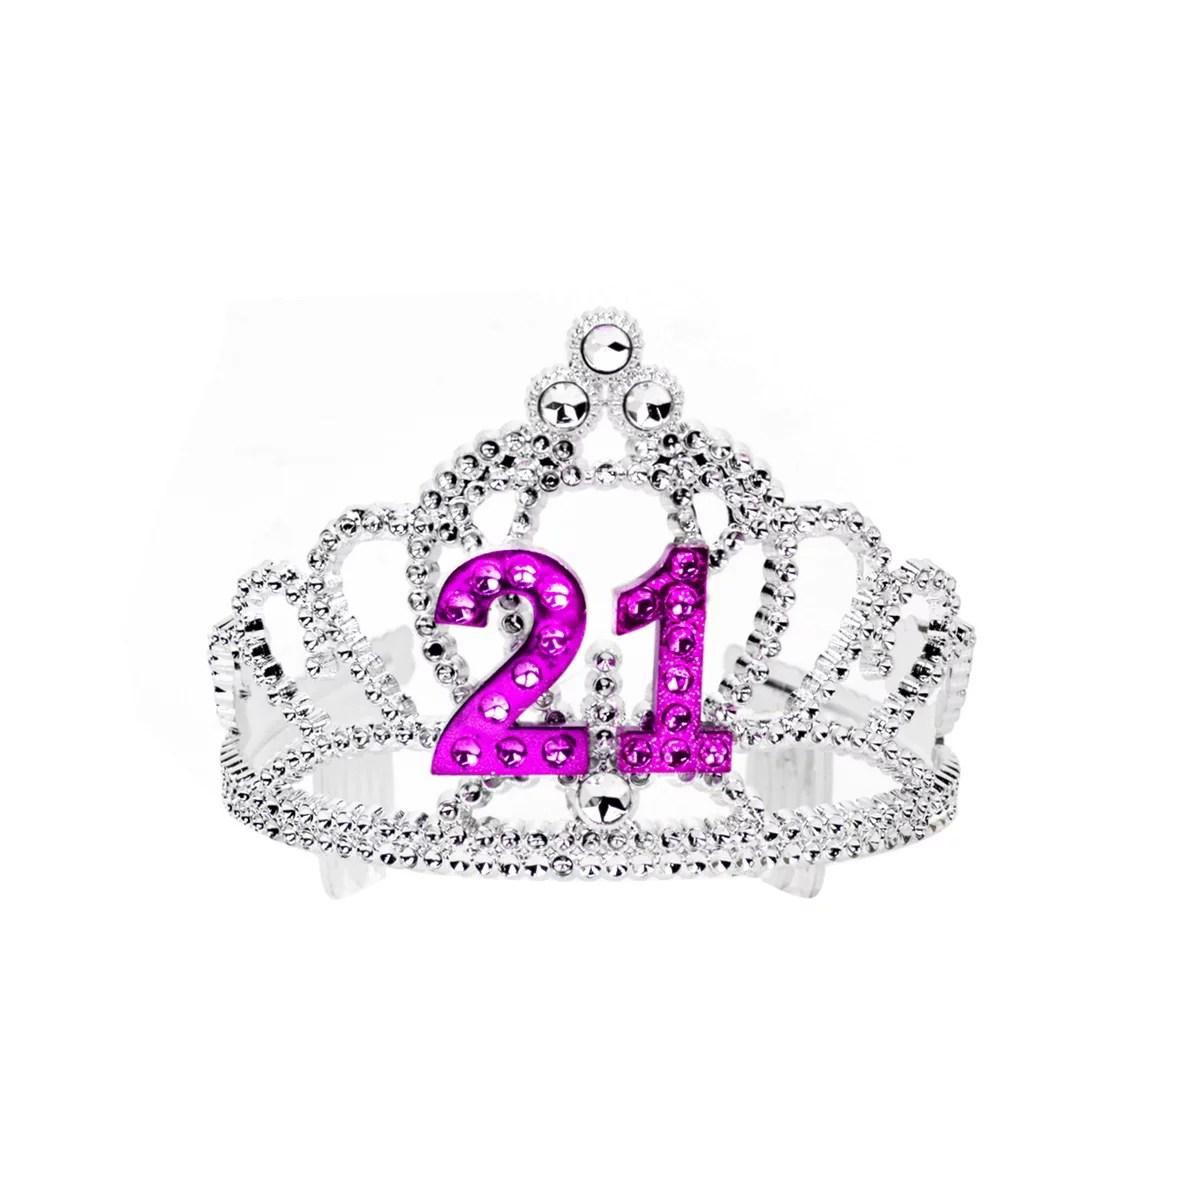 21 Twenty One Royal Happy Birthday Party Princess Tiara Glittered Sparkle Crown Walmart Com Walmart Com